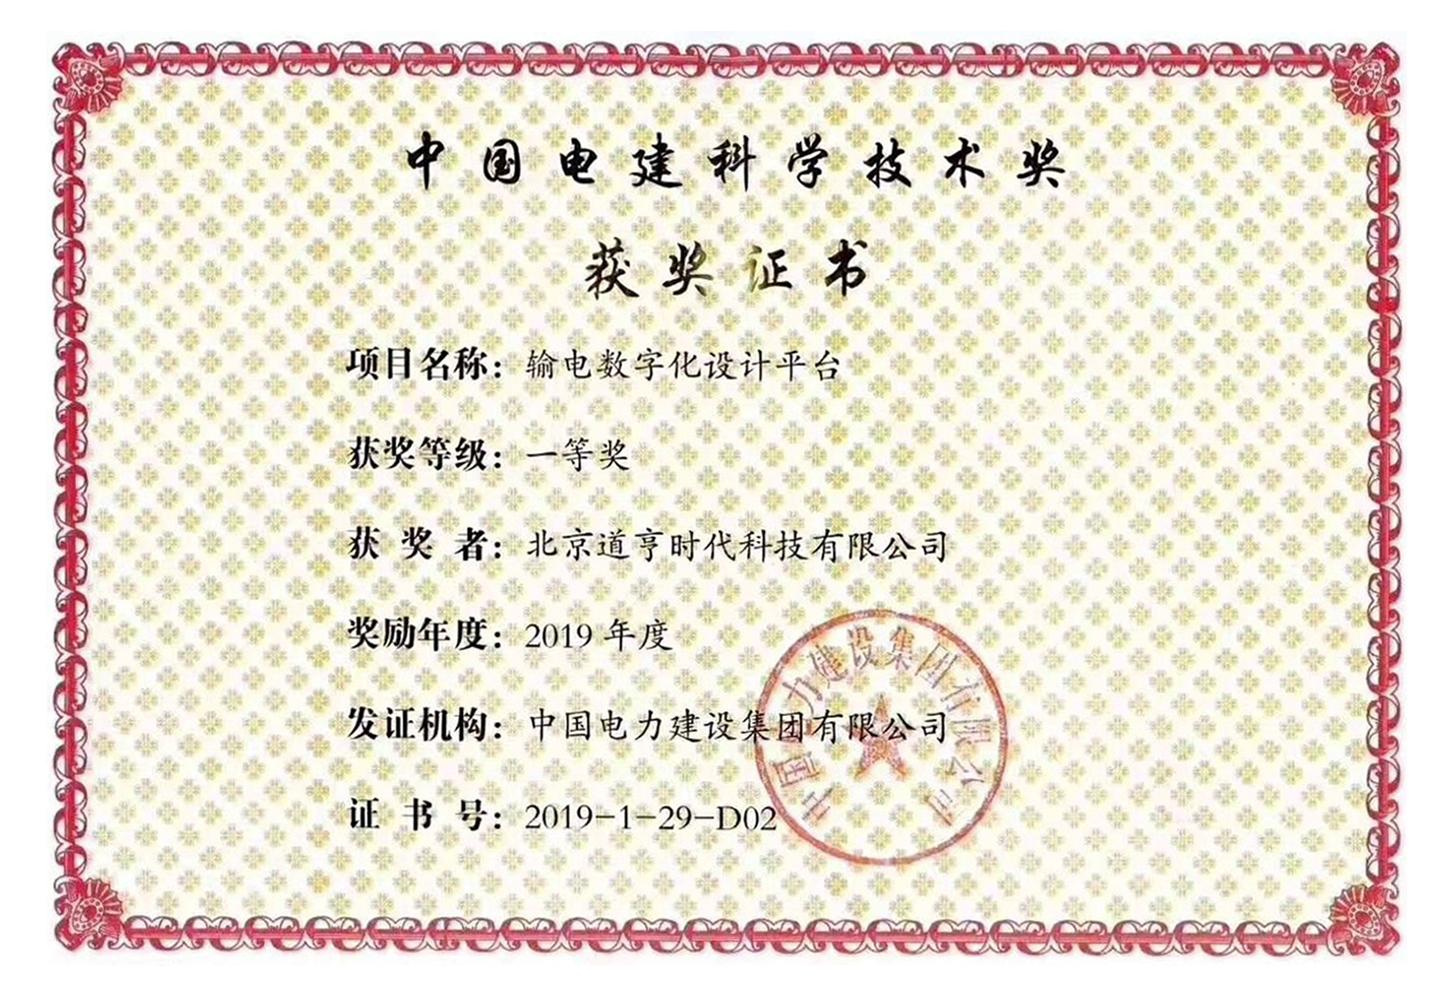 道亨时代输电数字化设计平台荣获中国电建集团科学技术奖一等奖 title=